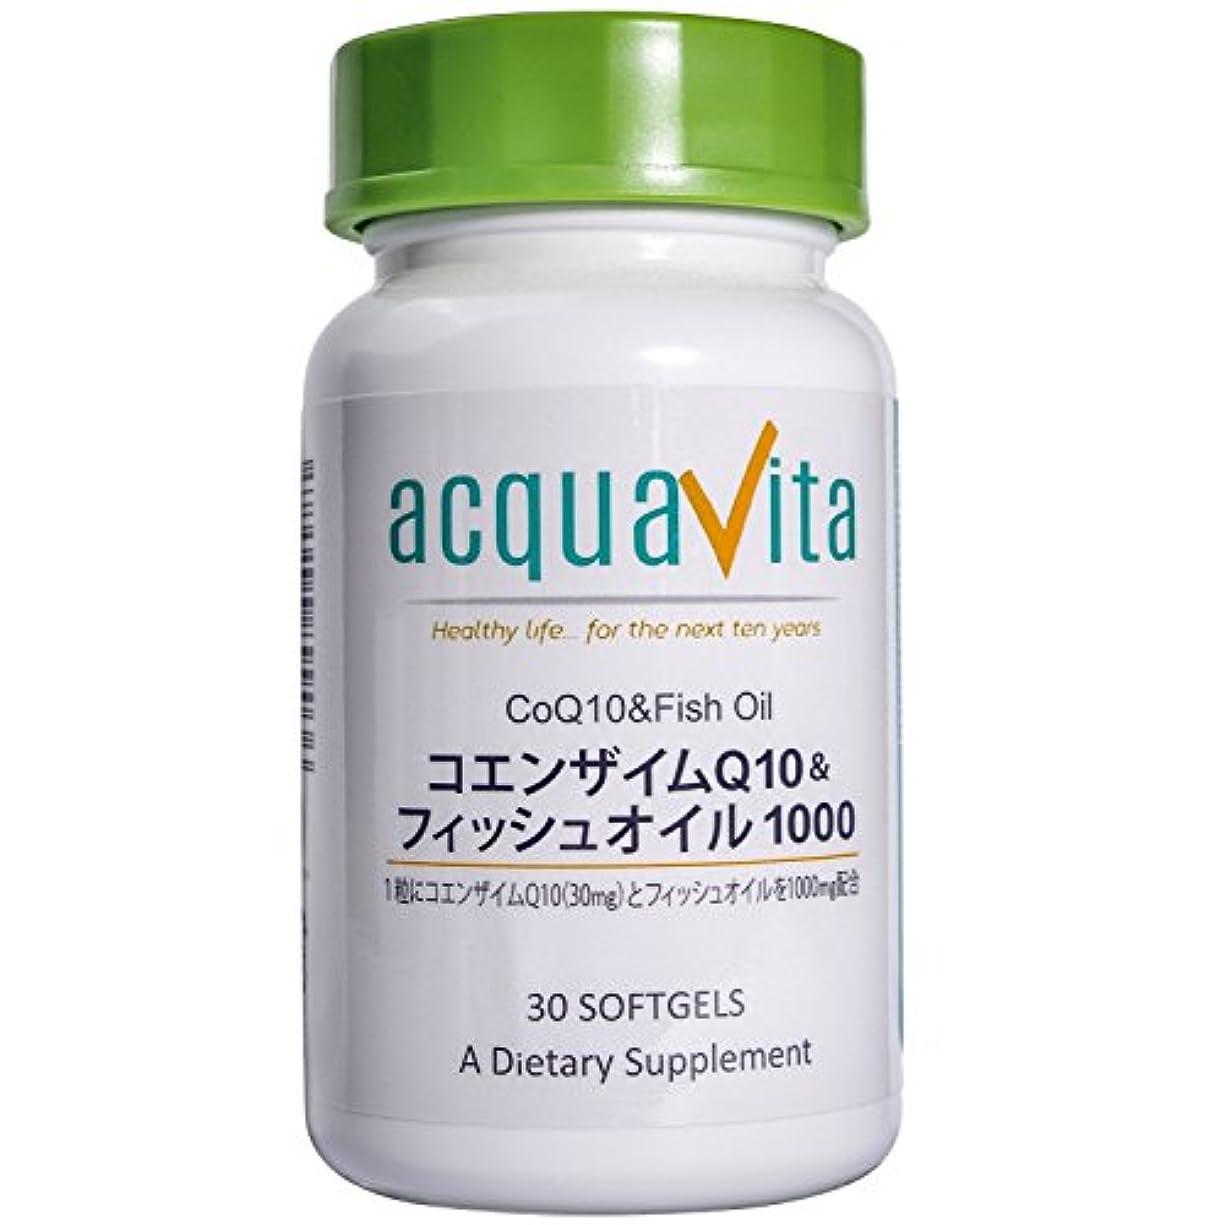 試みるモート妥協Acqua vita(アクアヴィータ)コエンザイムQ10&フィッシュオイル1000 30粒